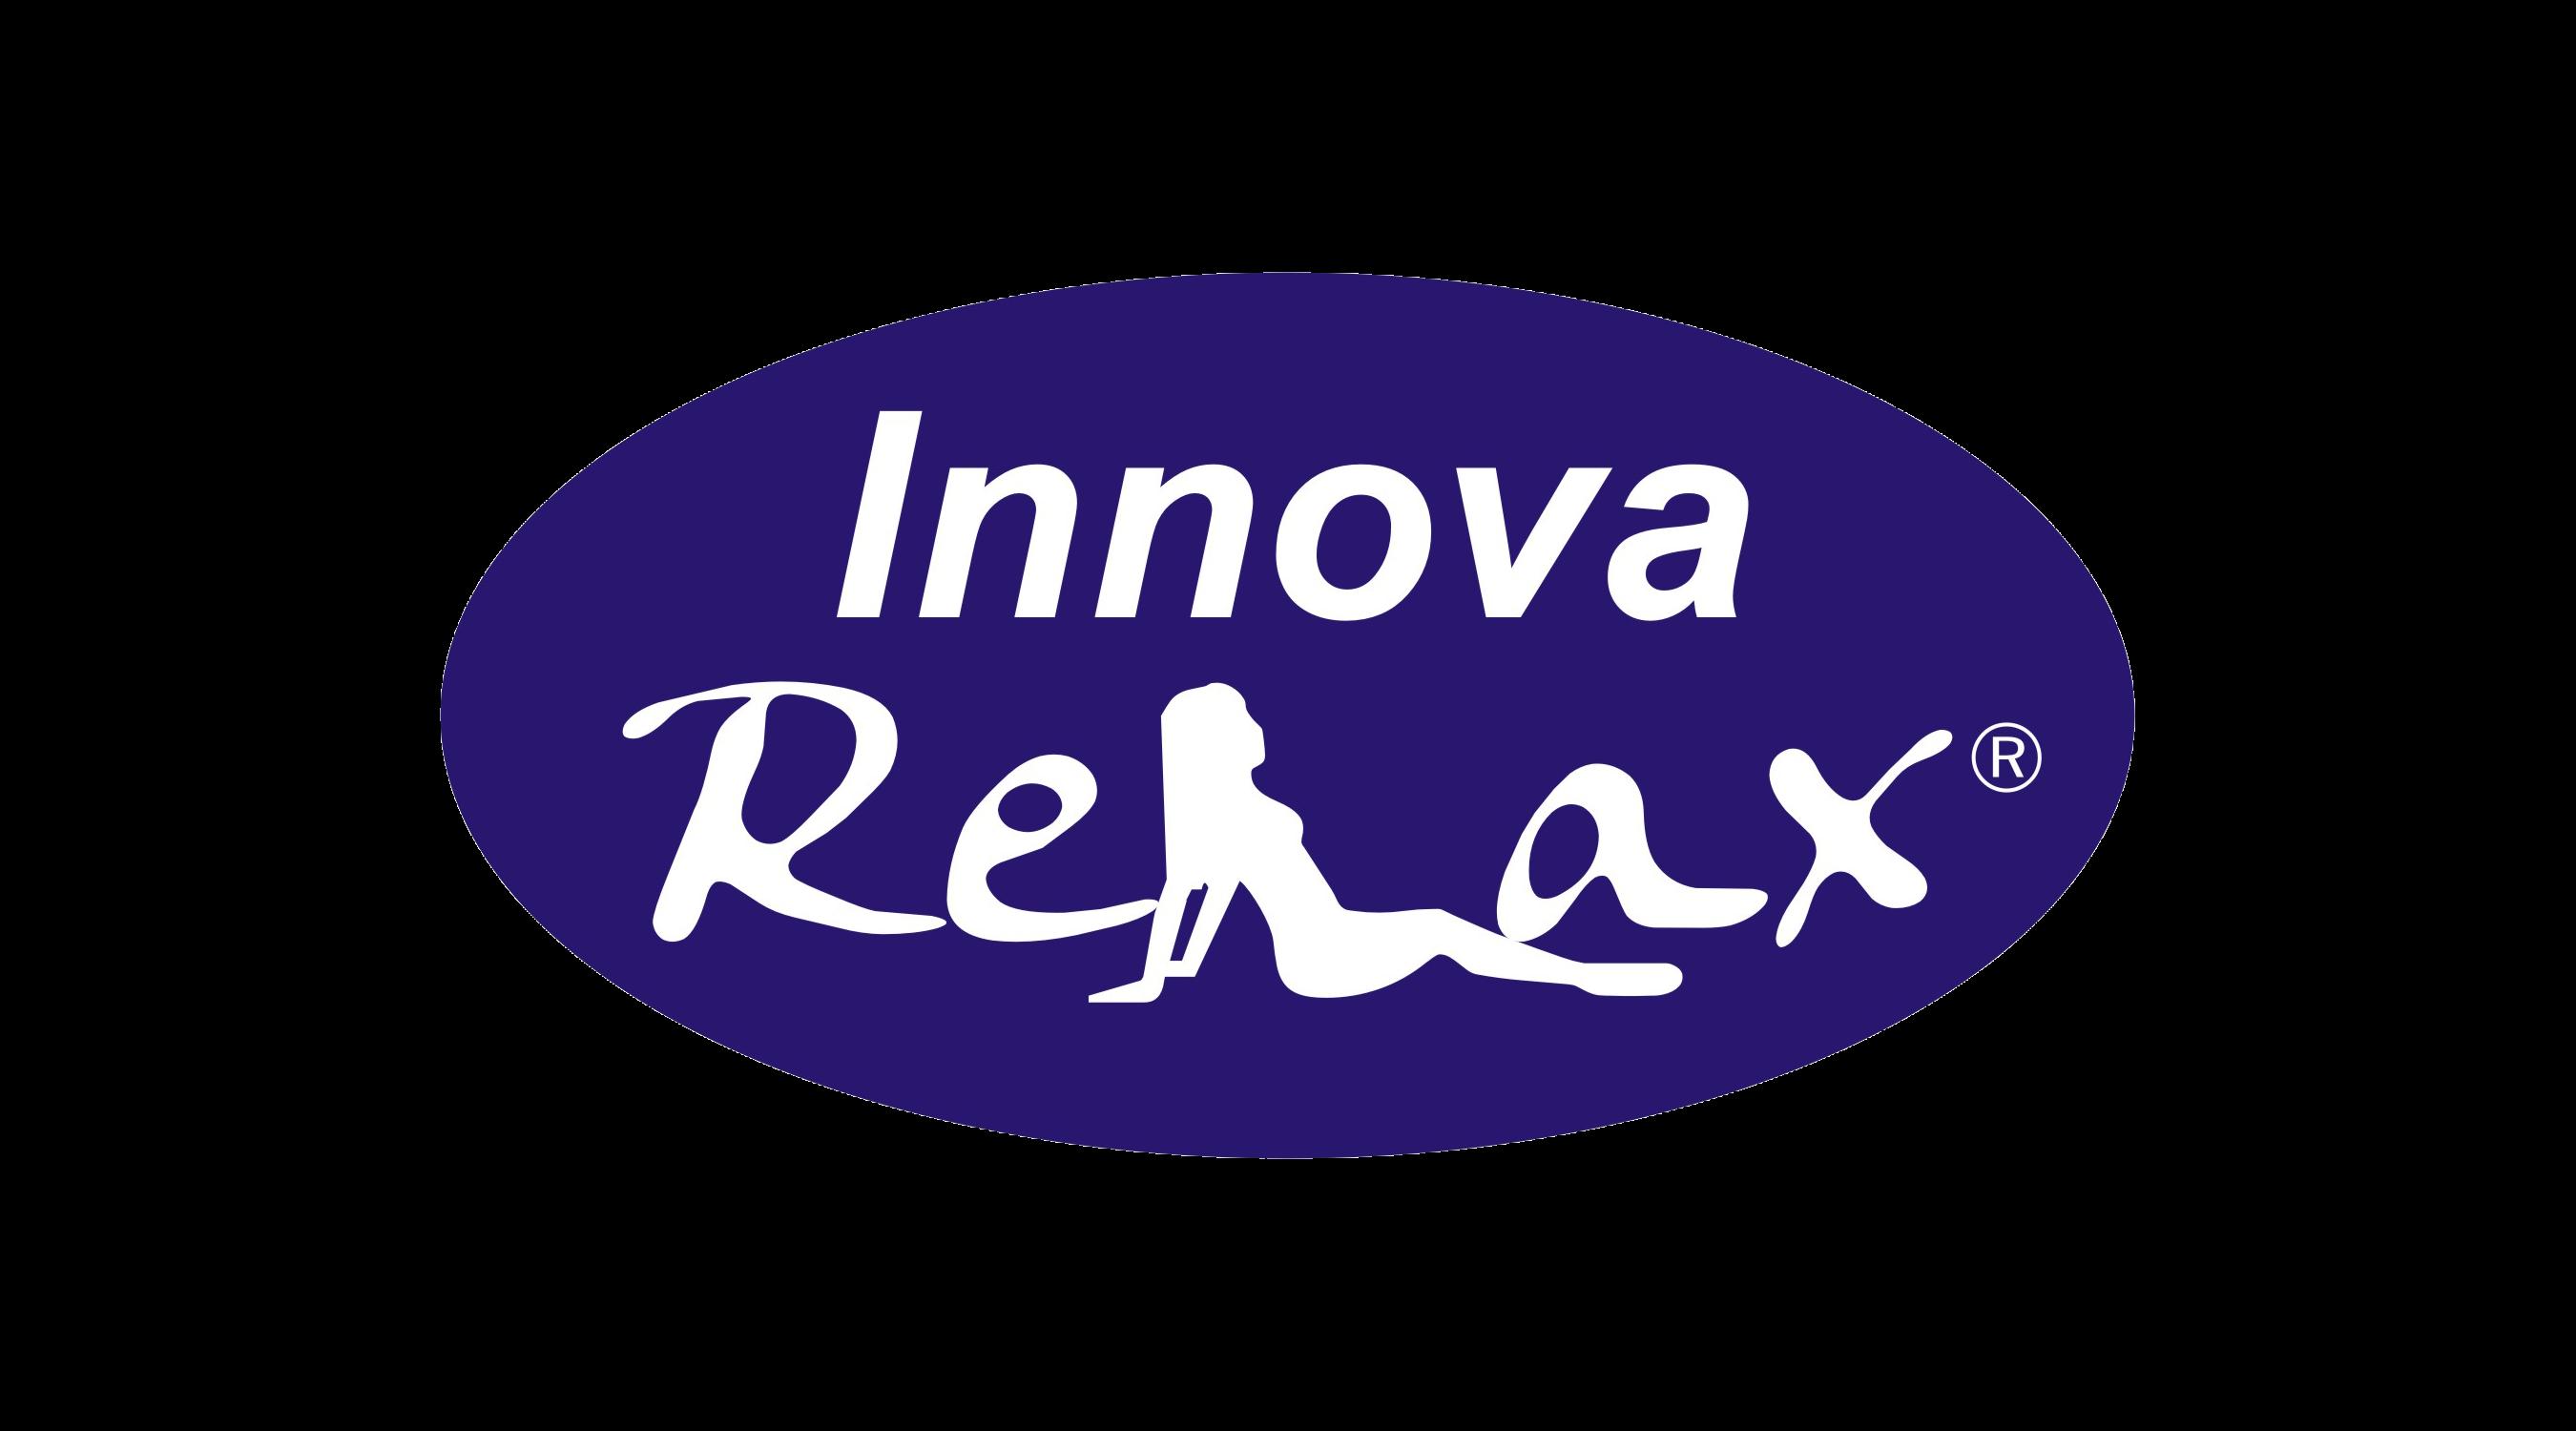 Innova realx